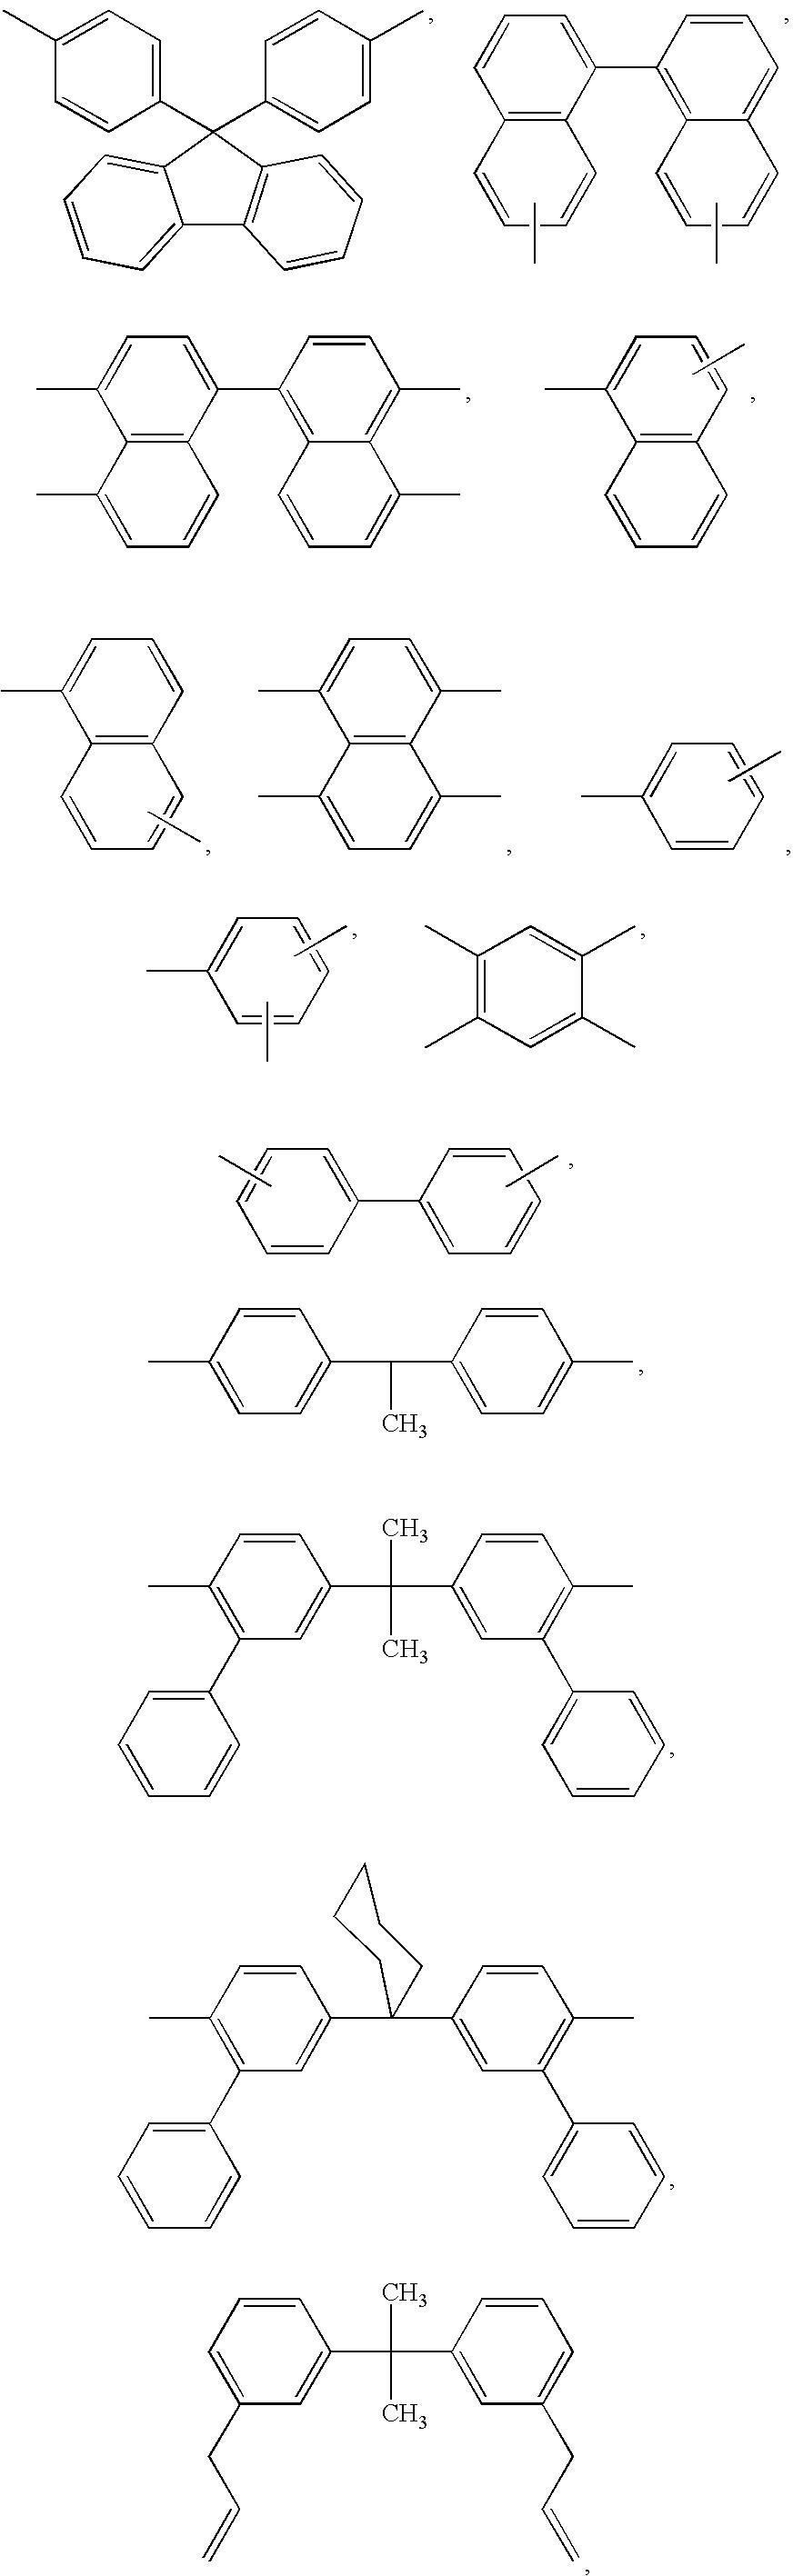 Figure US20080166644A1-20080710-C00008